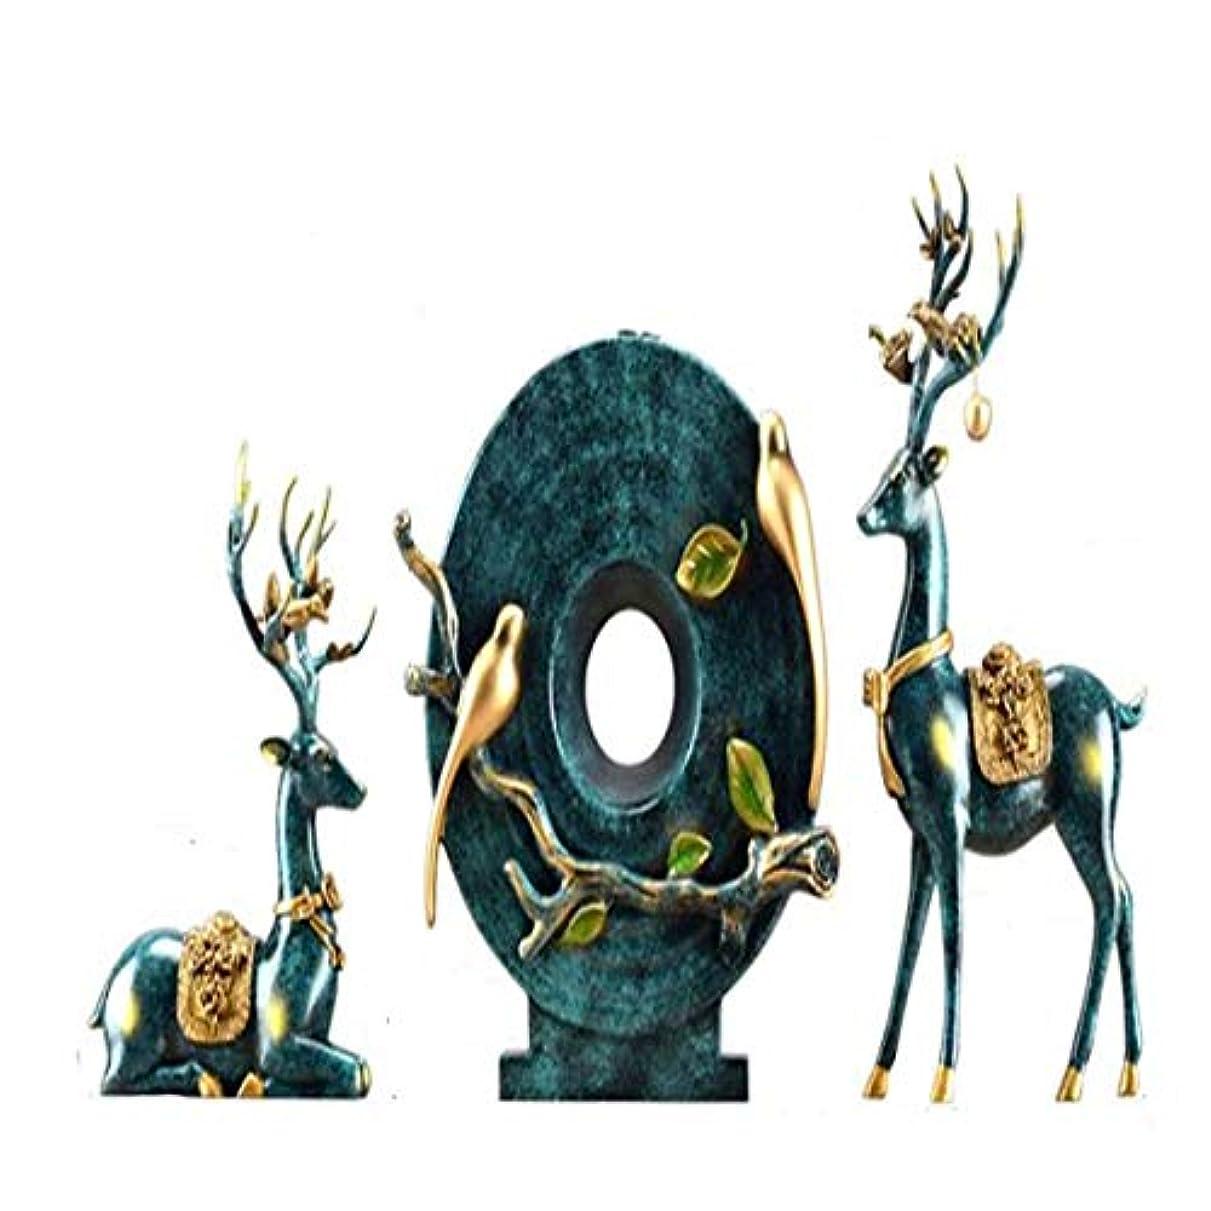 わな植物学ナンセンスFengshangshanghang クリエイティブアメリカン鹿の装飾品花瓶リビングルーム新しい家の結婚式のギフトワインキャビネットテレビキャビネットホームソフト装飾家具,家の装飾 (Color : A)